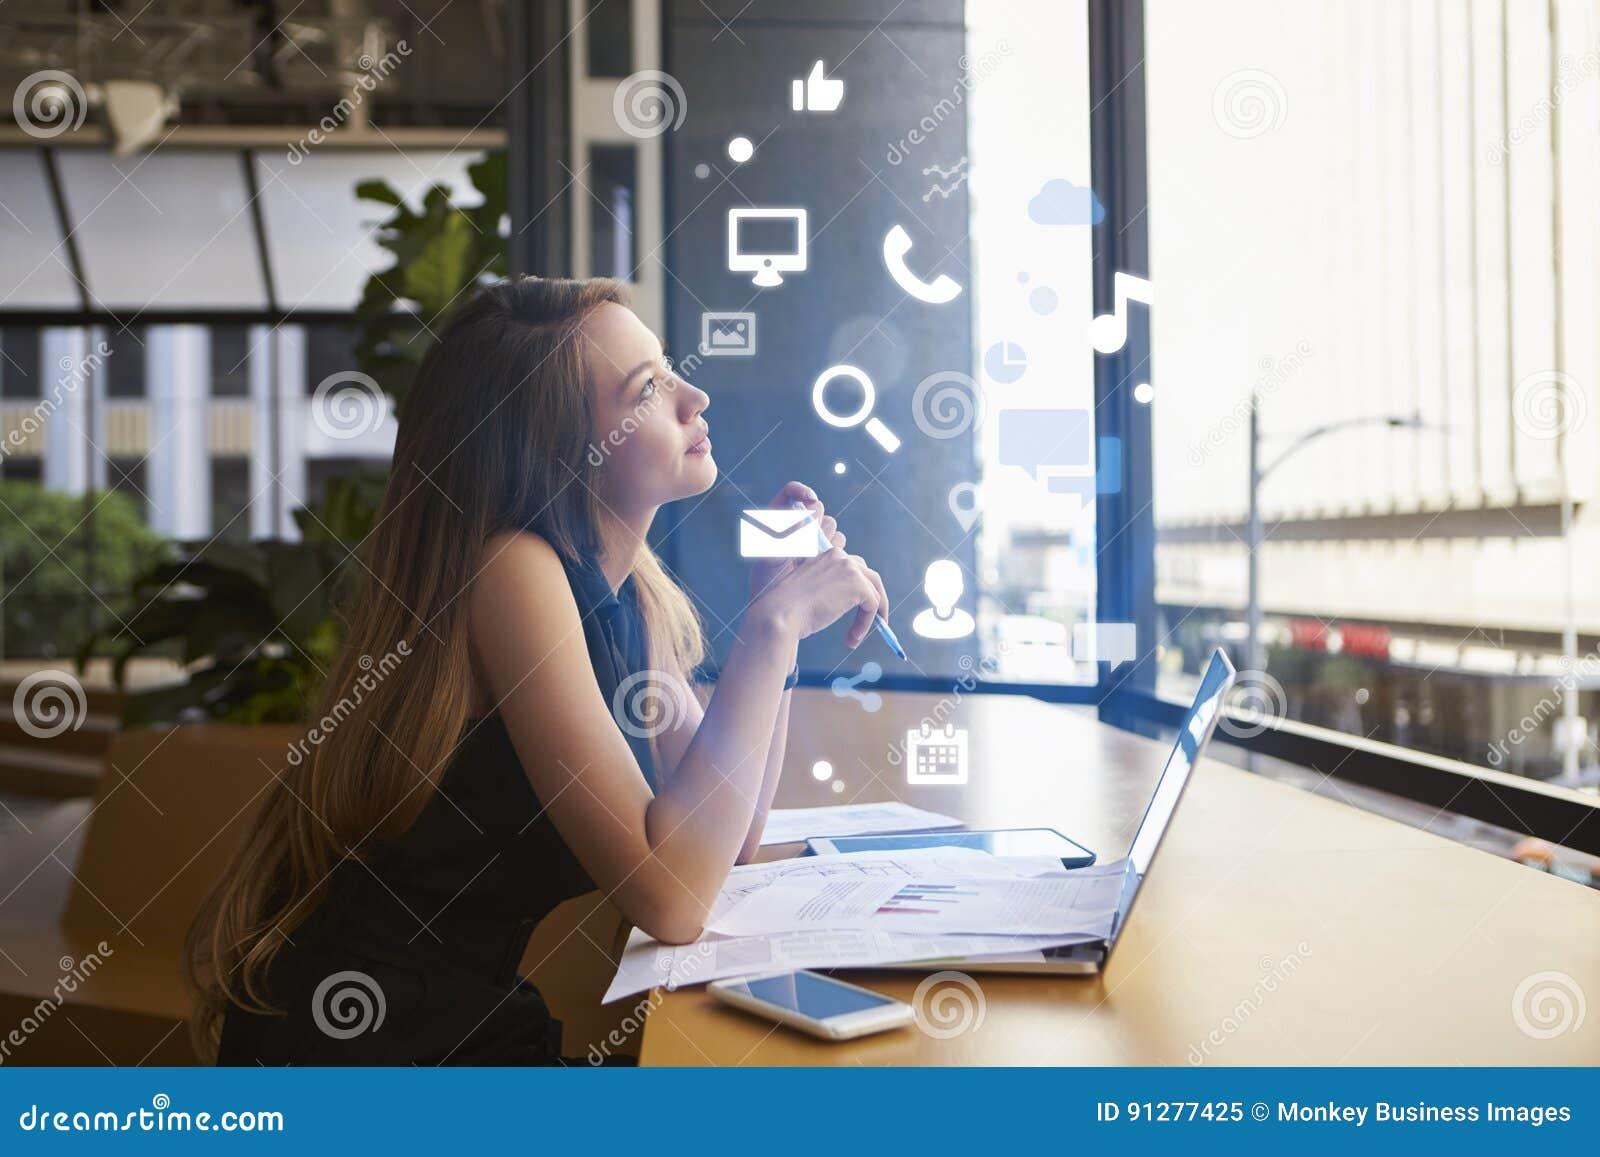 Bizneswoman pracuje w biurze patrzeje app ikony